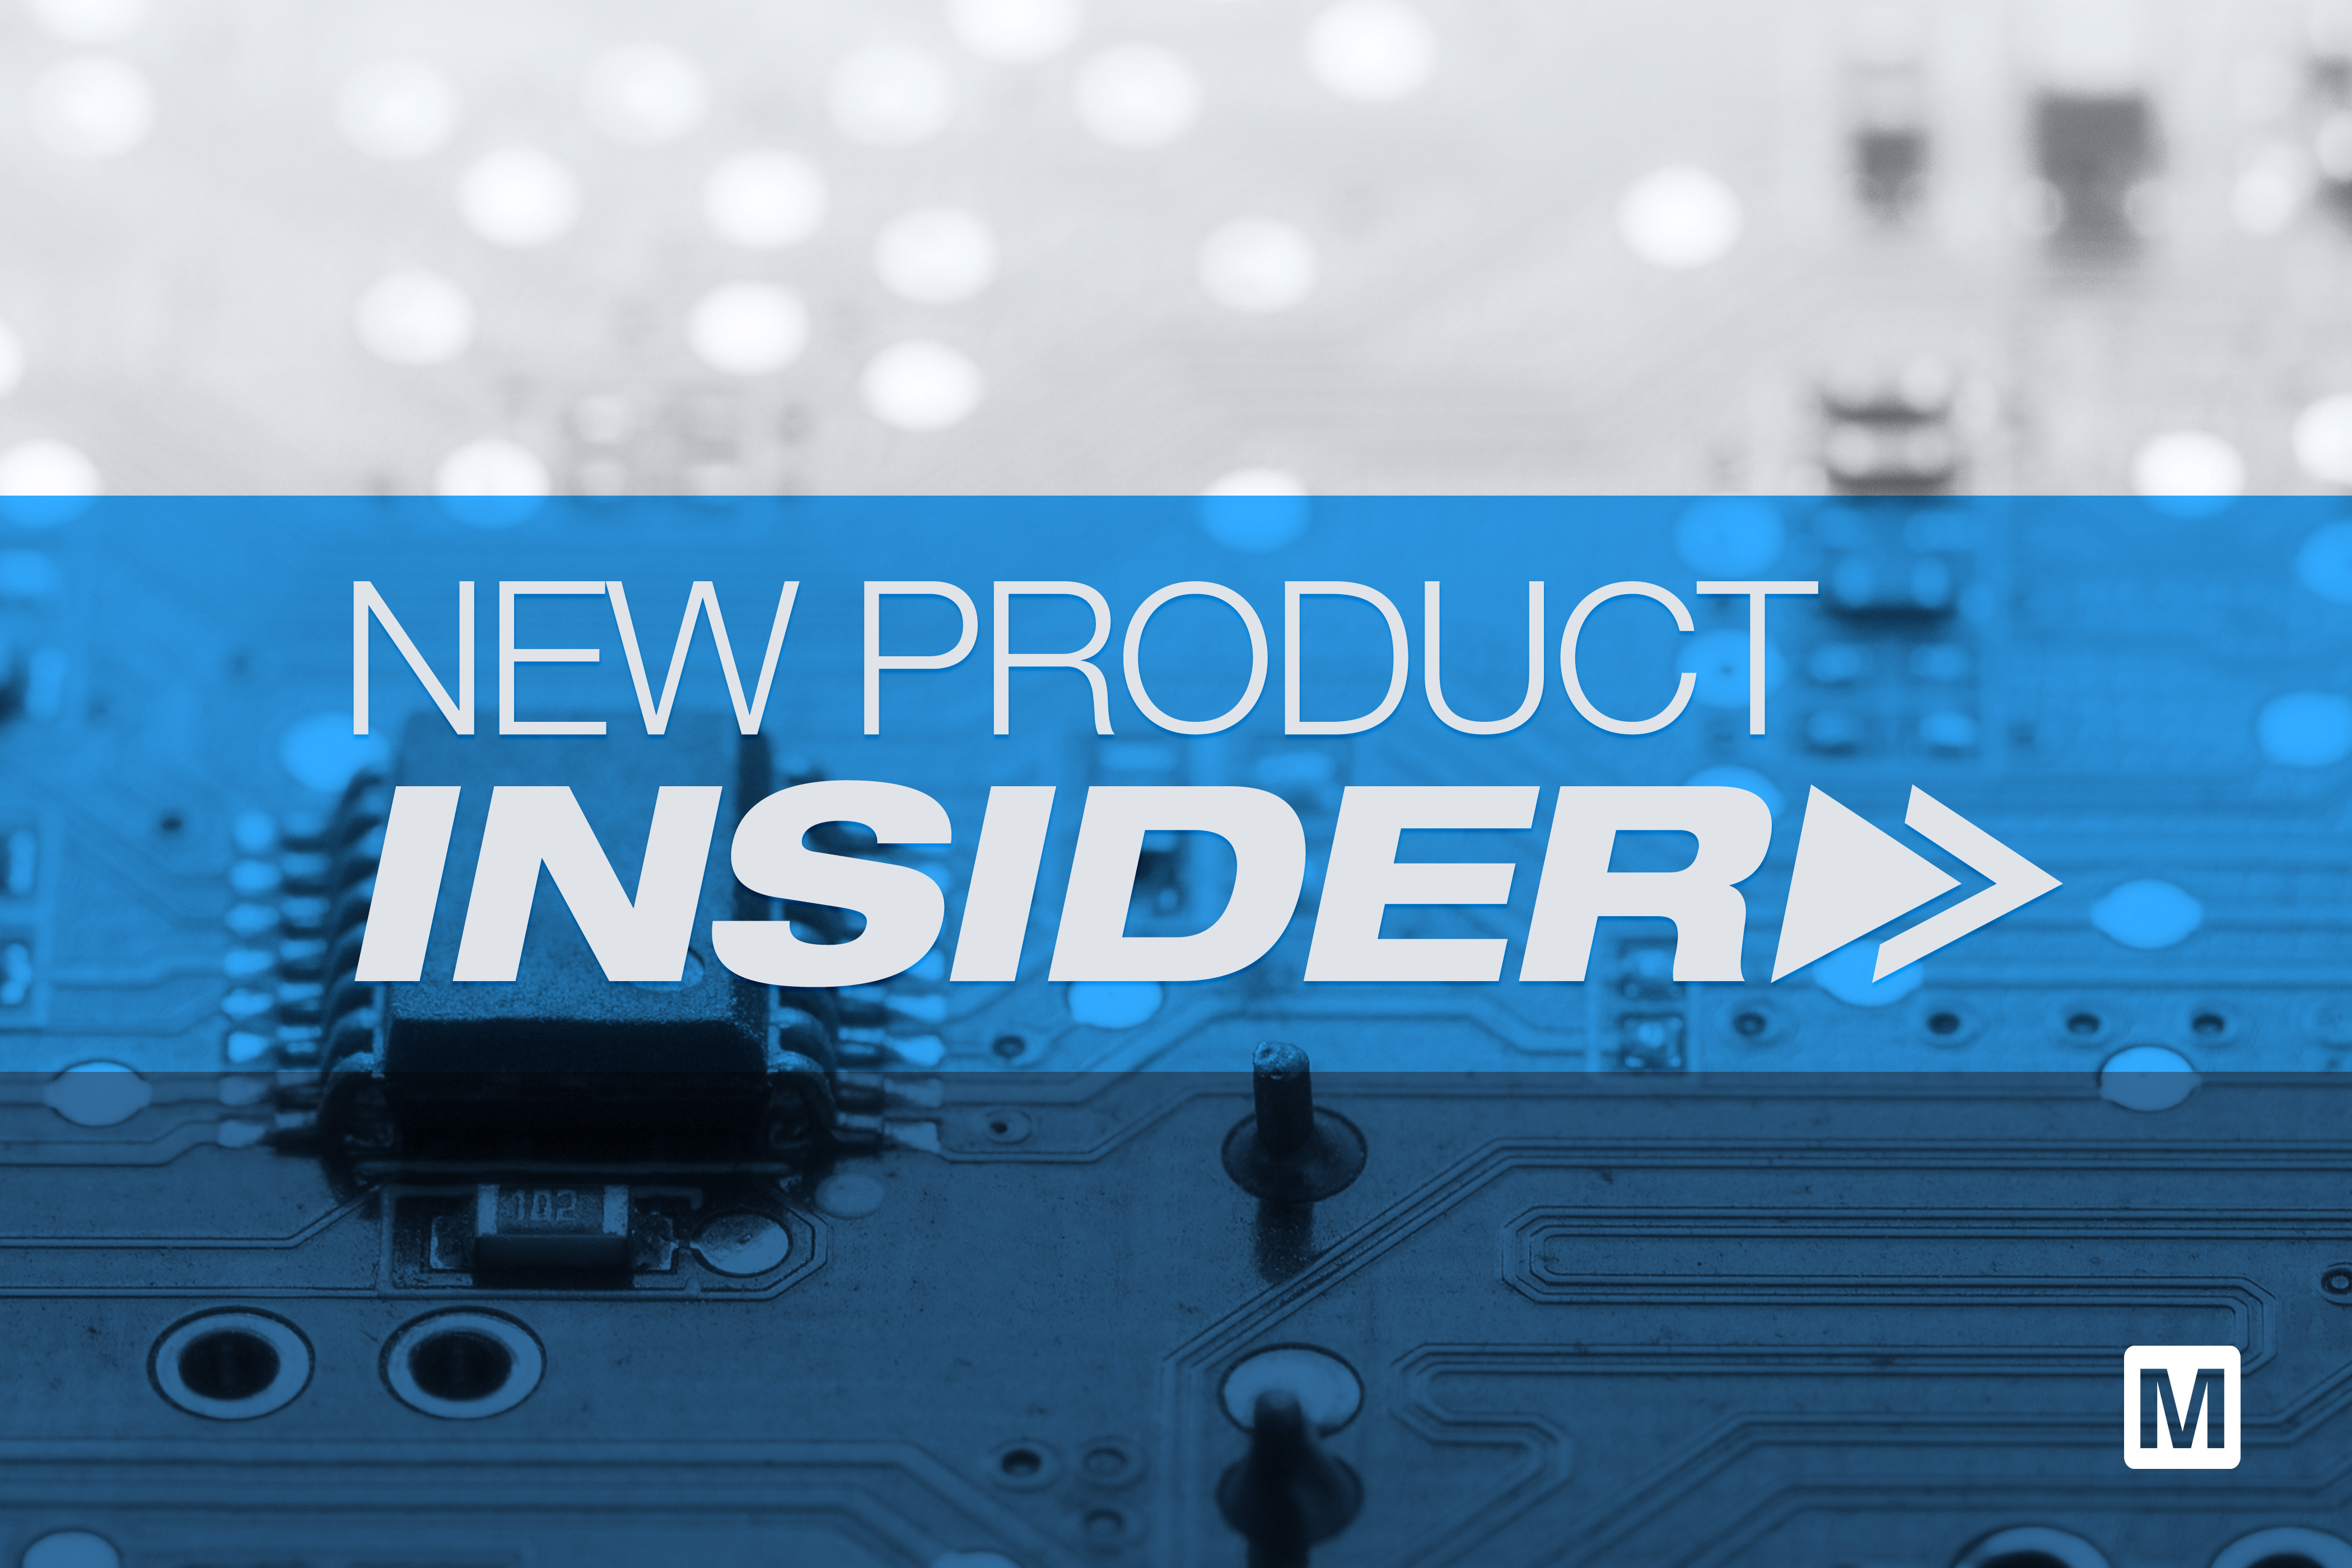 贸泽电子新品推荐:2020年4月 率先引入新品的全球分销商